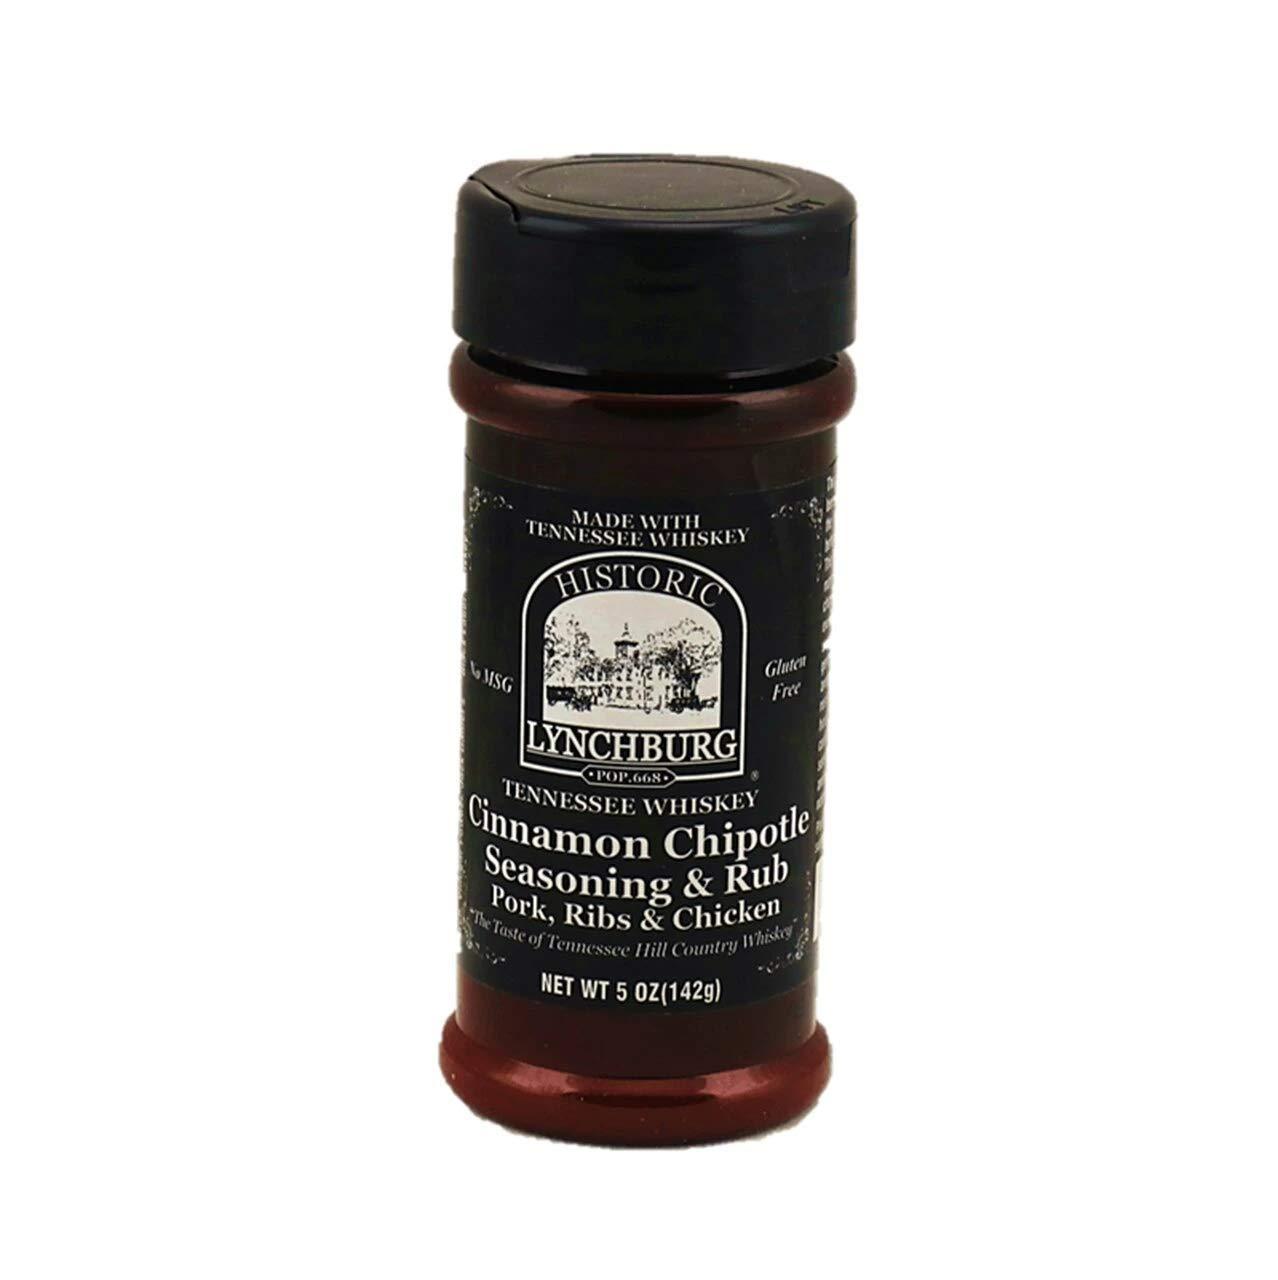 Historic Lynchburg Tennessee Whiskey Cinnamon Chipotle Seasoning & Rub 5 Oz. Jar